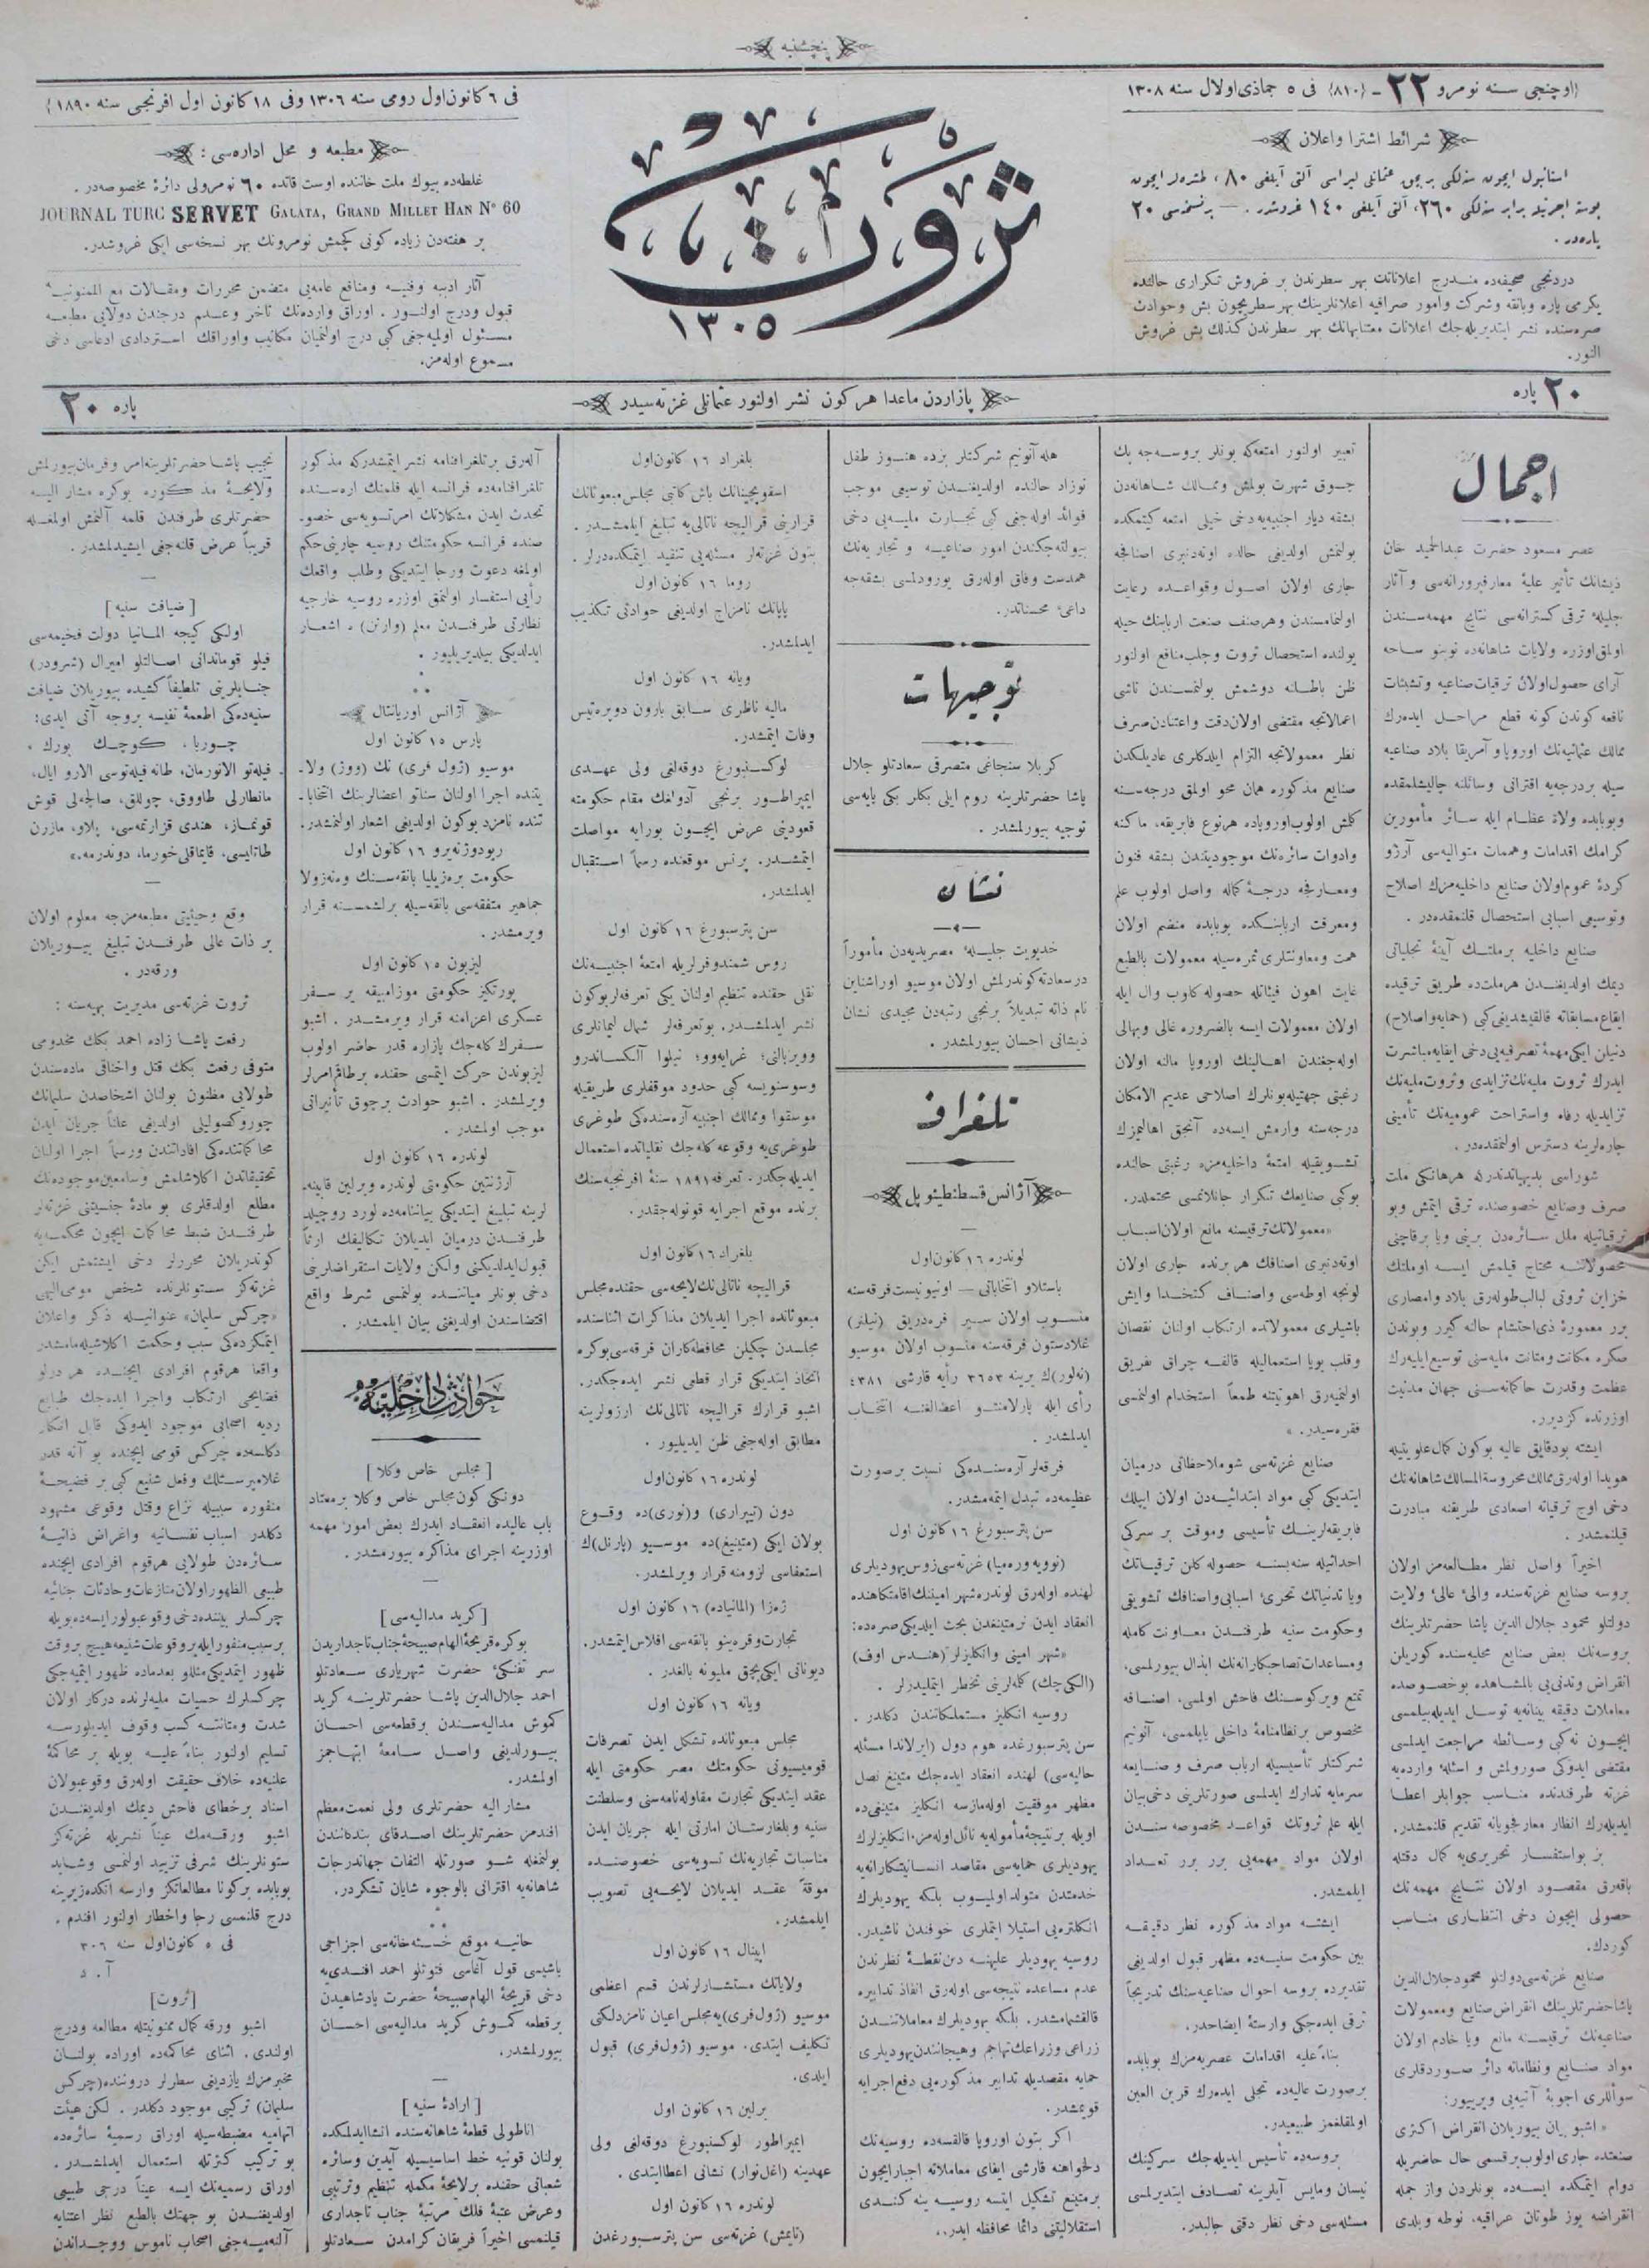 18 Aralık 1890 Tarihli Servet Gazetesi Sayfa 1